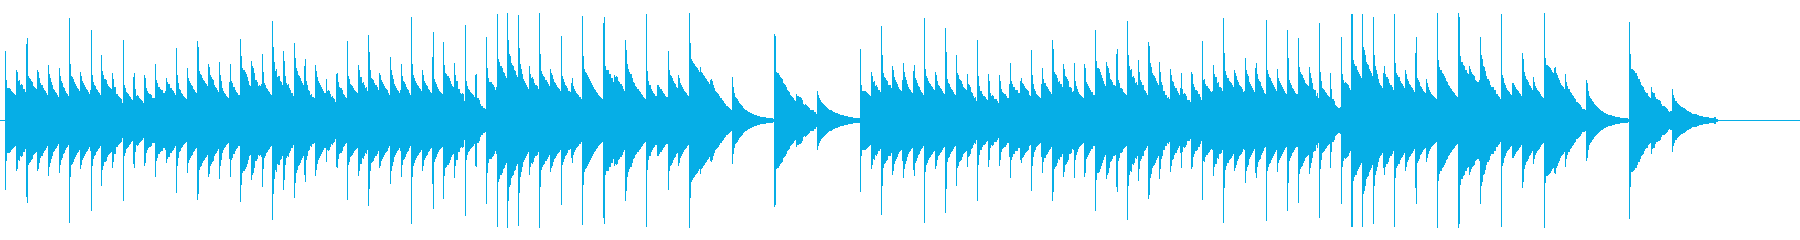 【オルゴール】思い出・感動・優しいの再生済みの波形